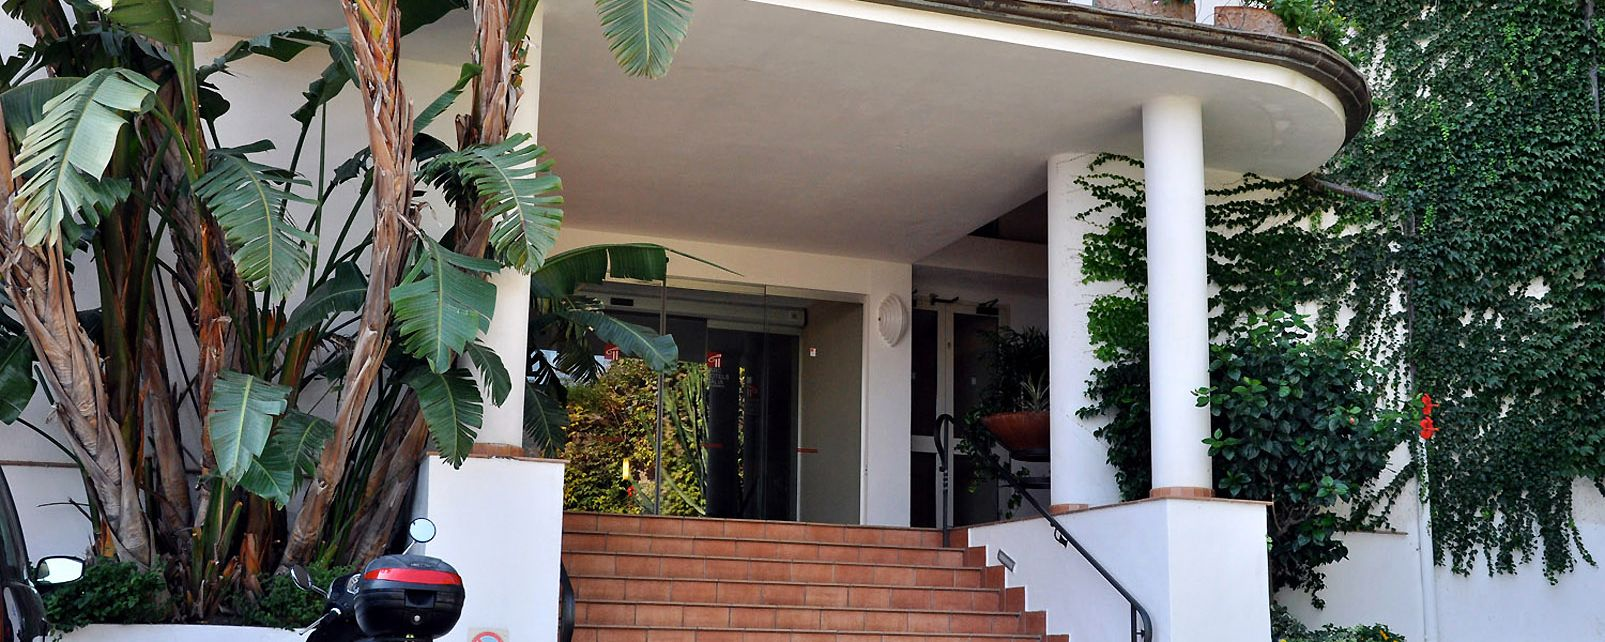 Hotel Complesso Antares Olimpo Le Terrazze, Letojanni